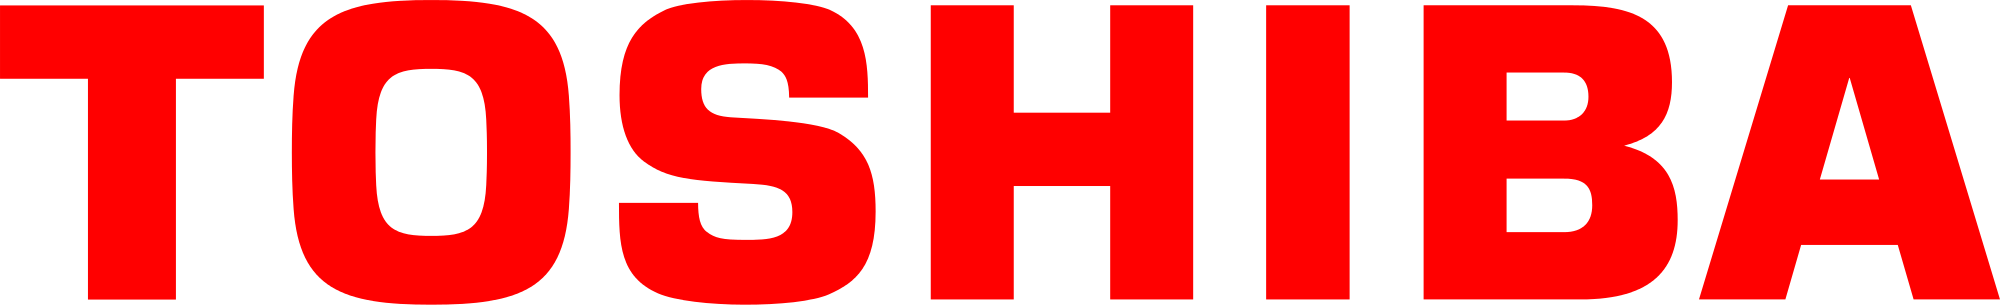 Toshiba_logo.svg